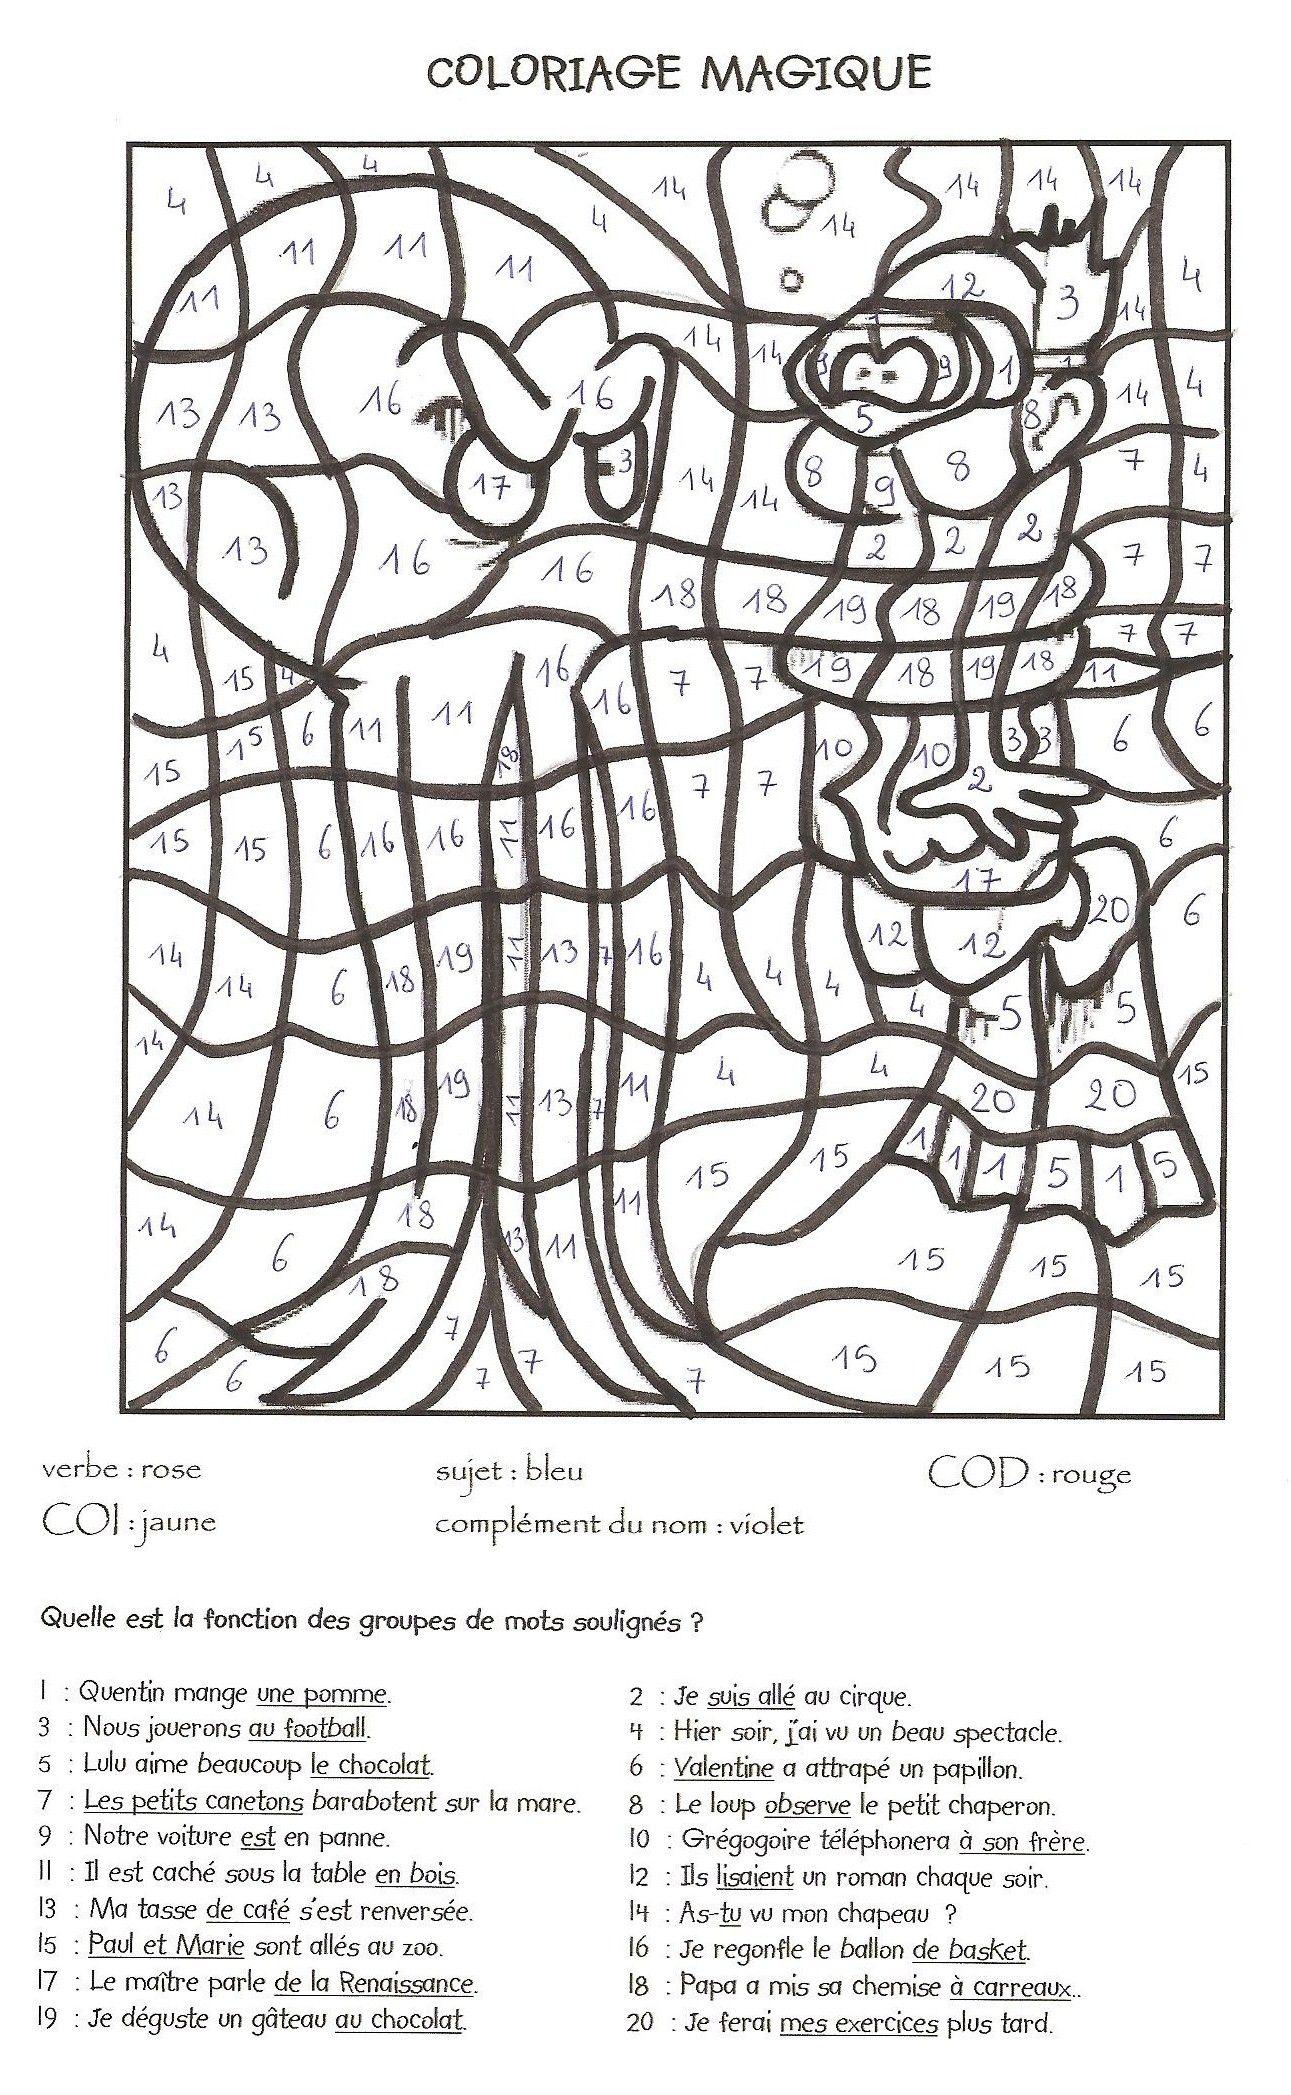 Coloriage Magique Ce2 À Colorier - Dessin À Imprimer intérieur Sudoku Cm2 À Imprimer